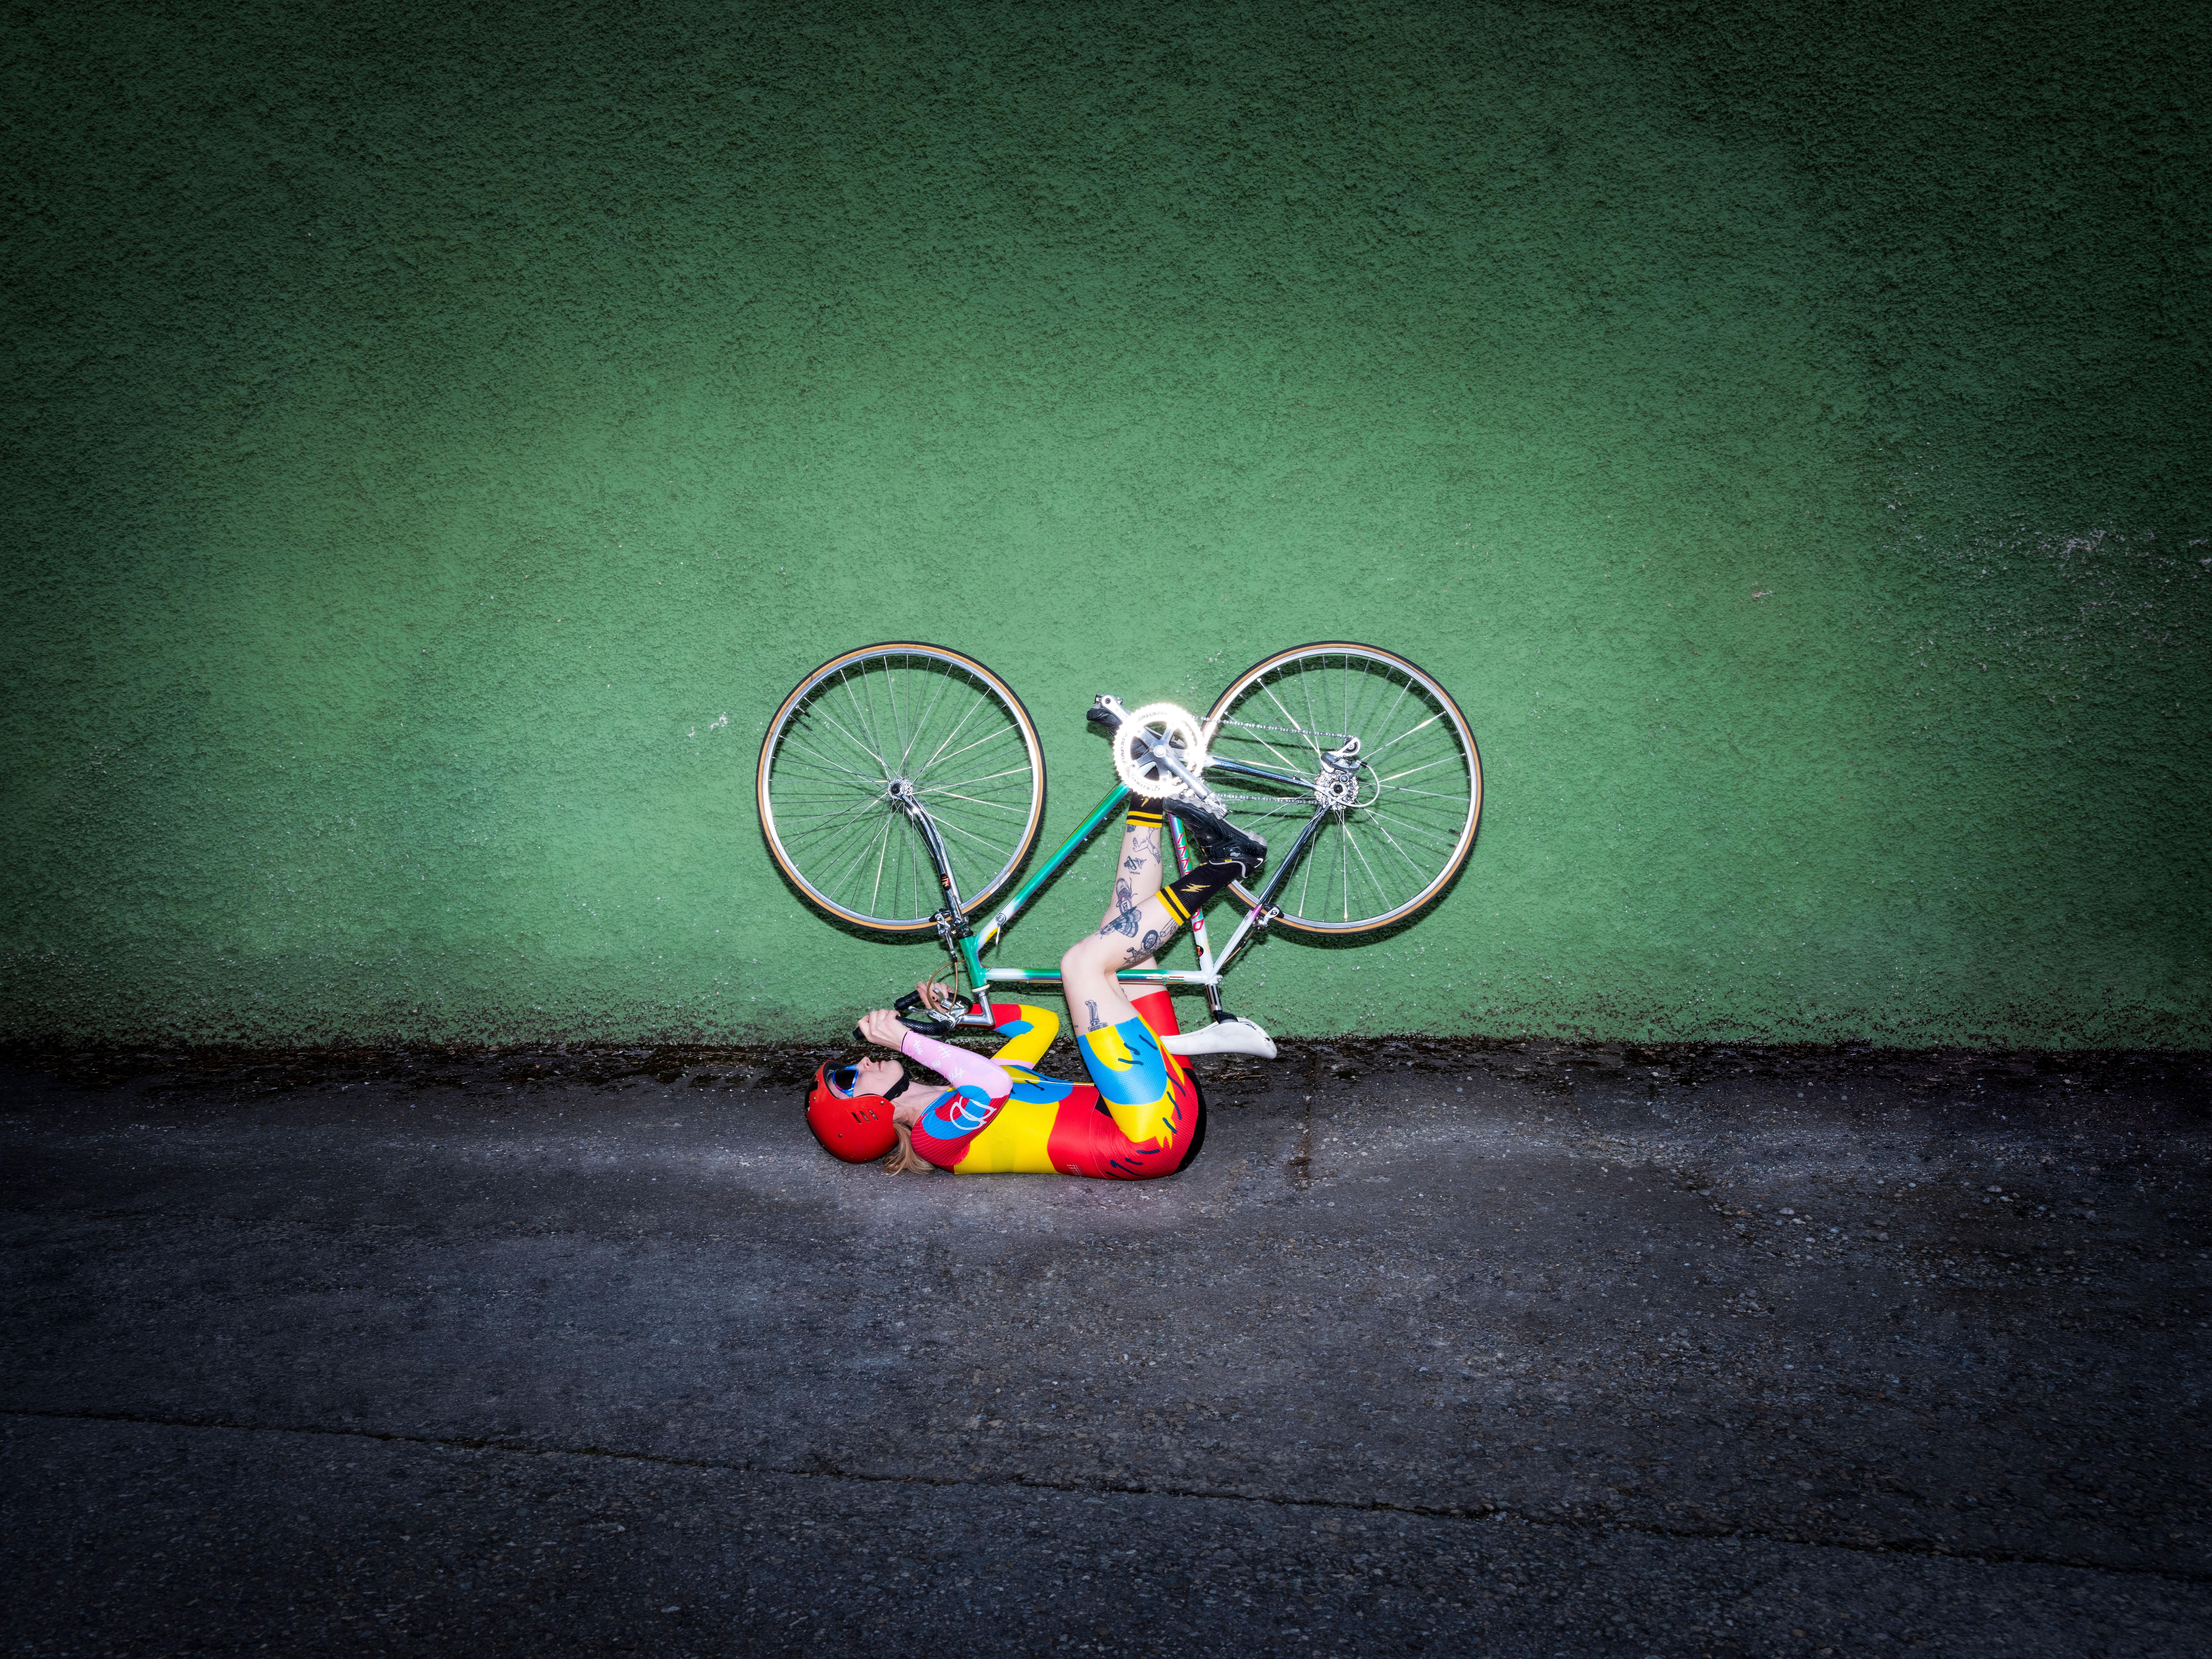 Frau fährt am Rücken liegend Fahrrad